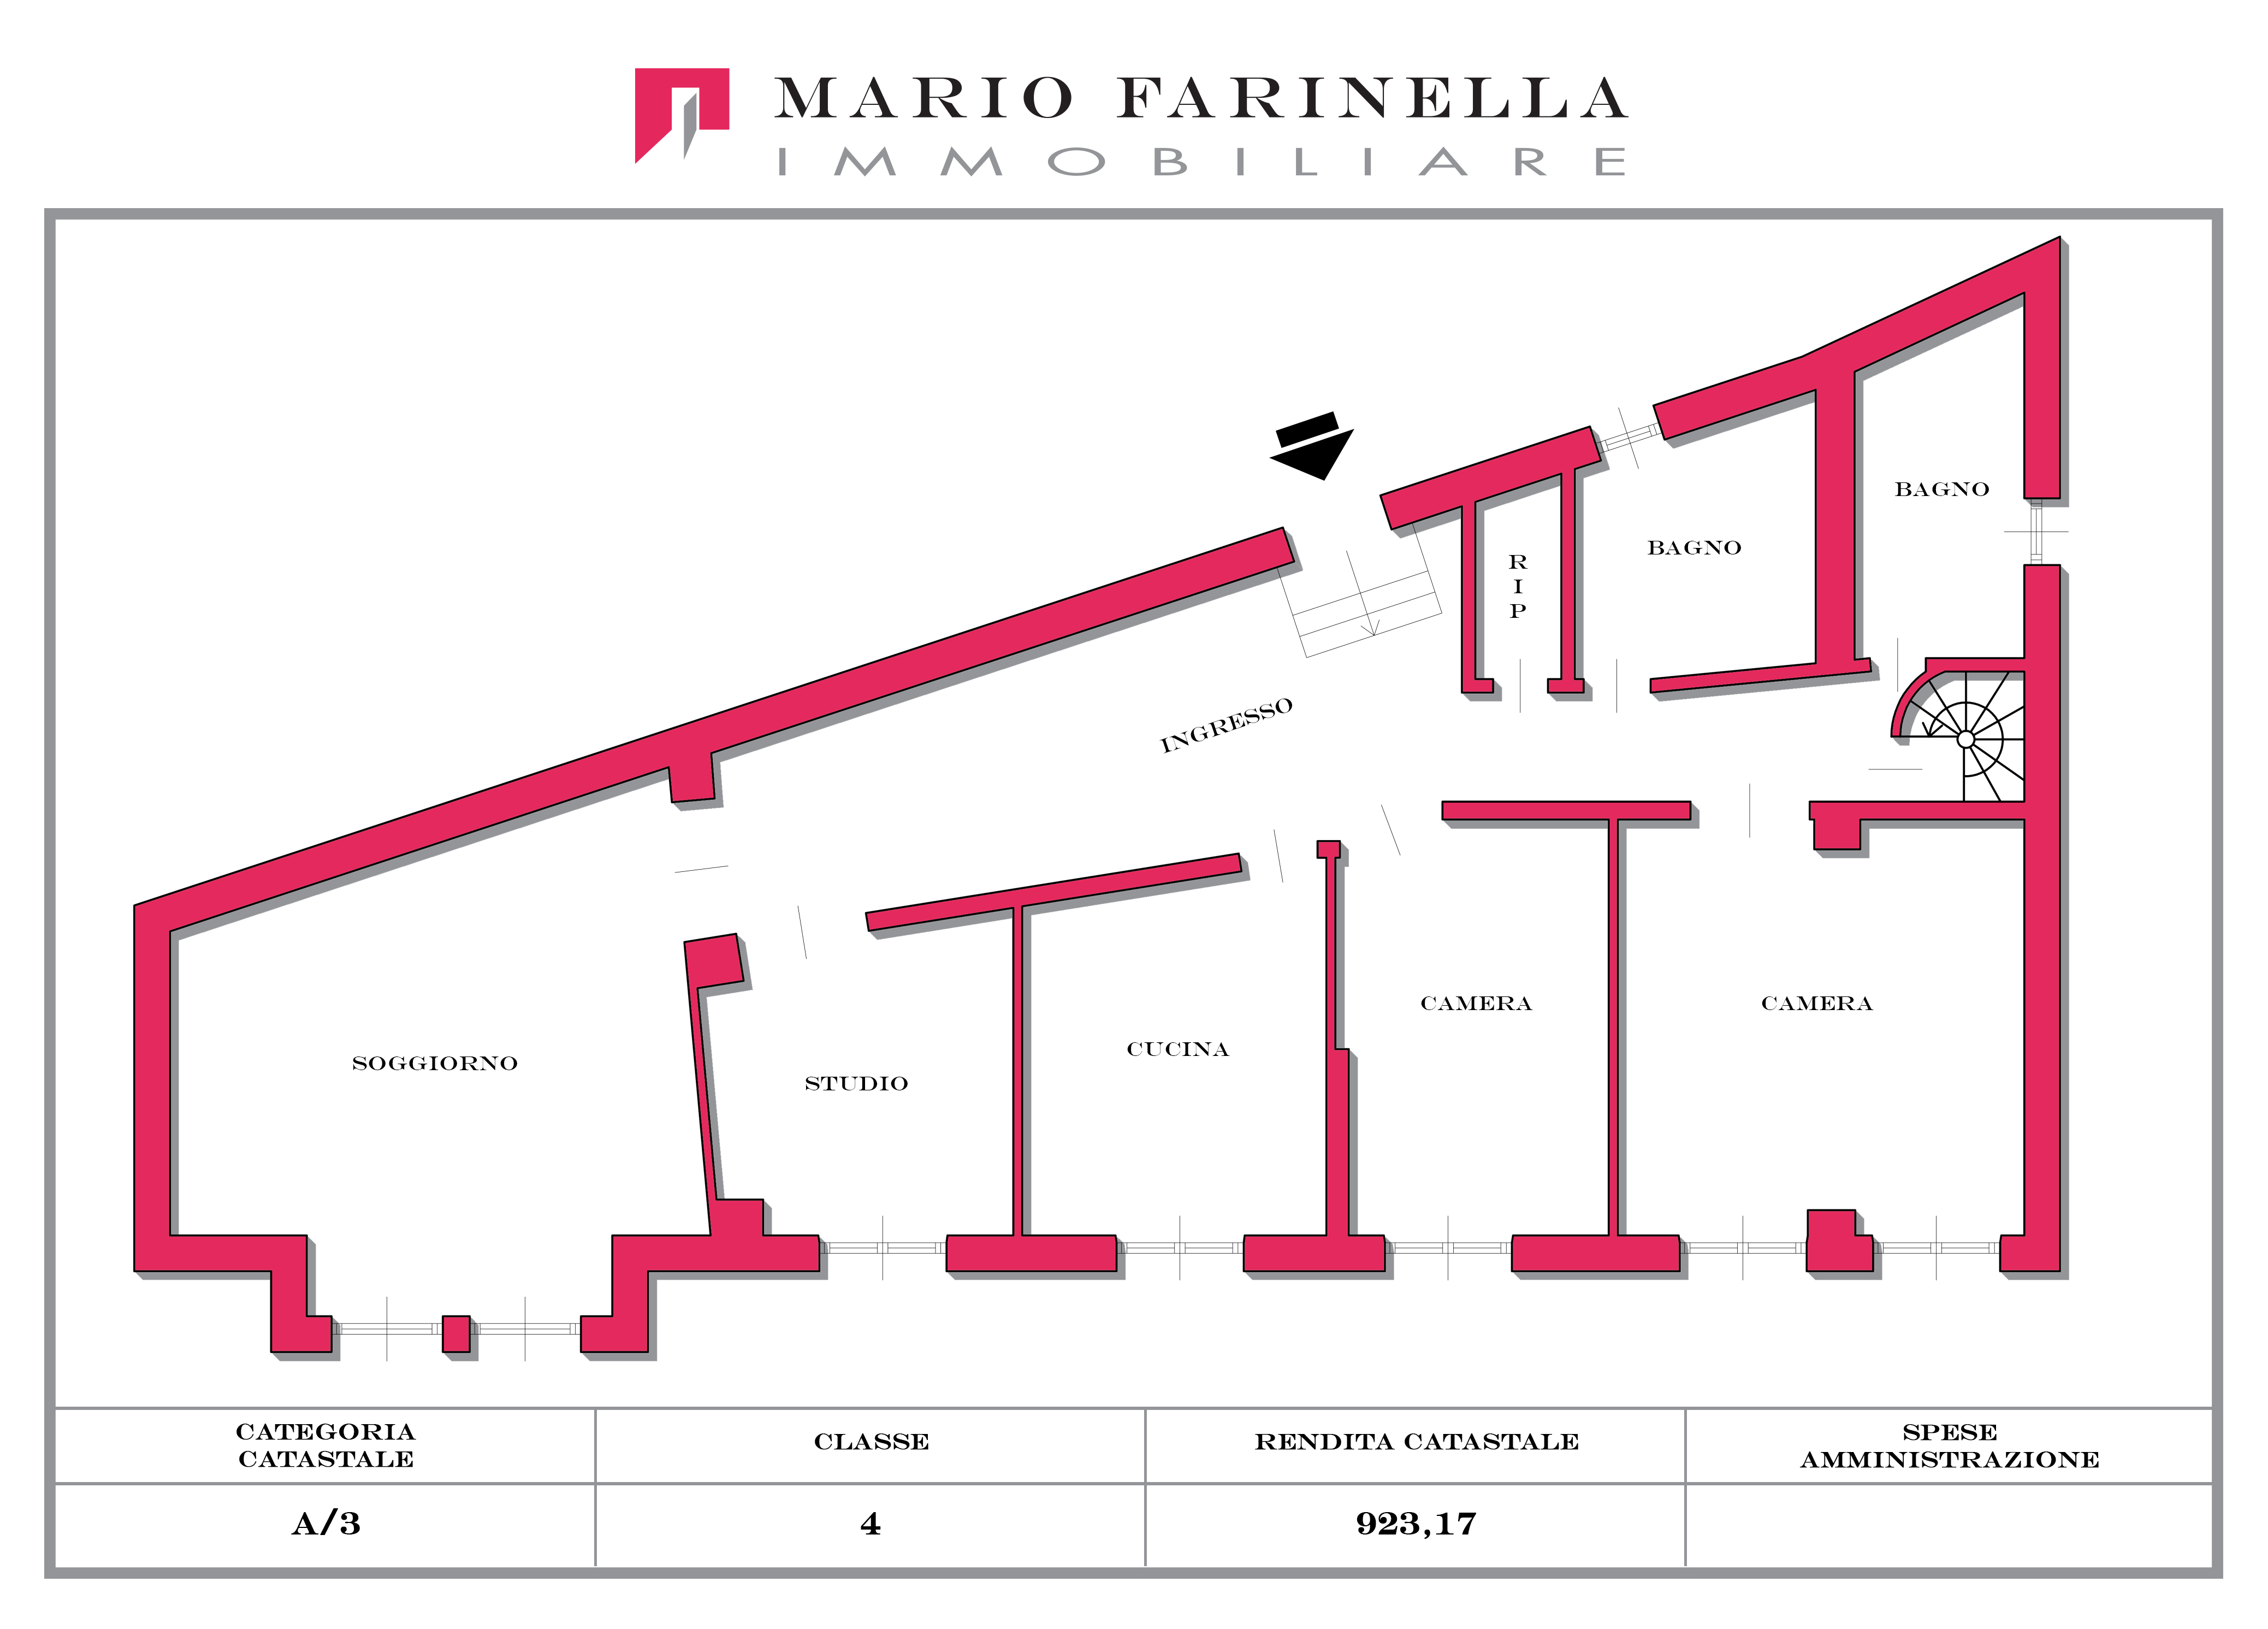 Mario Farinella San Teodoro Idrografico Della Marina